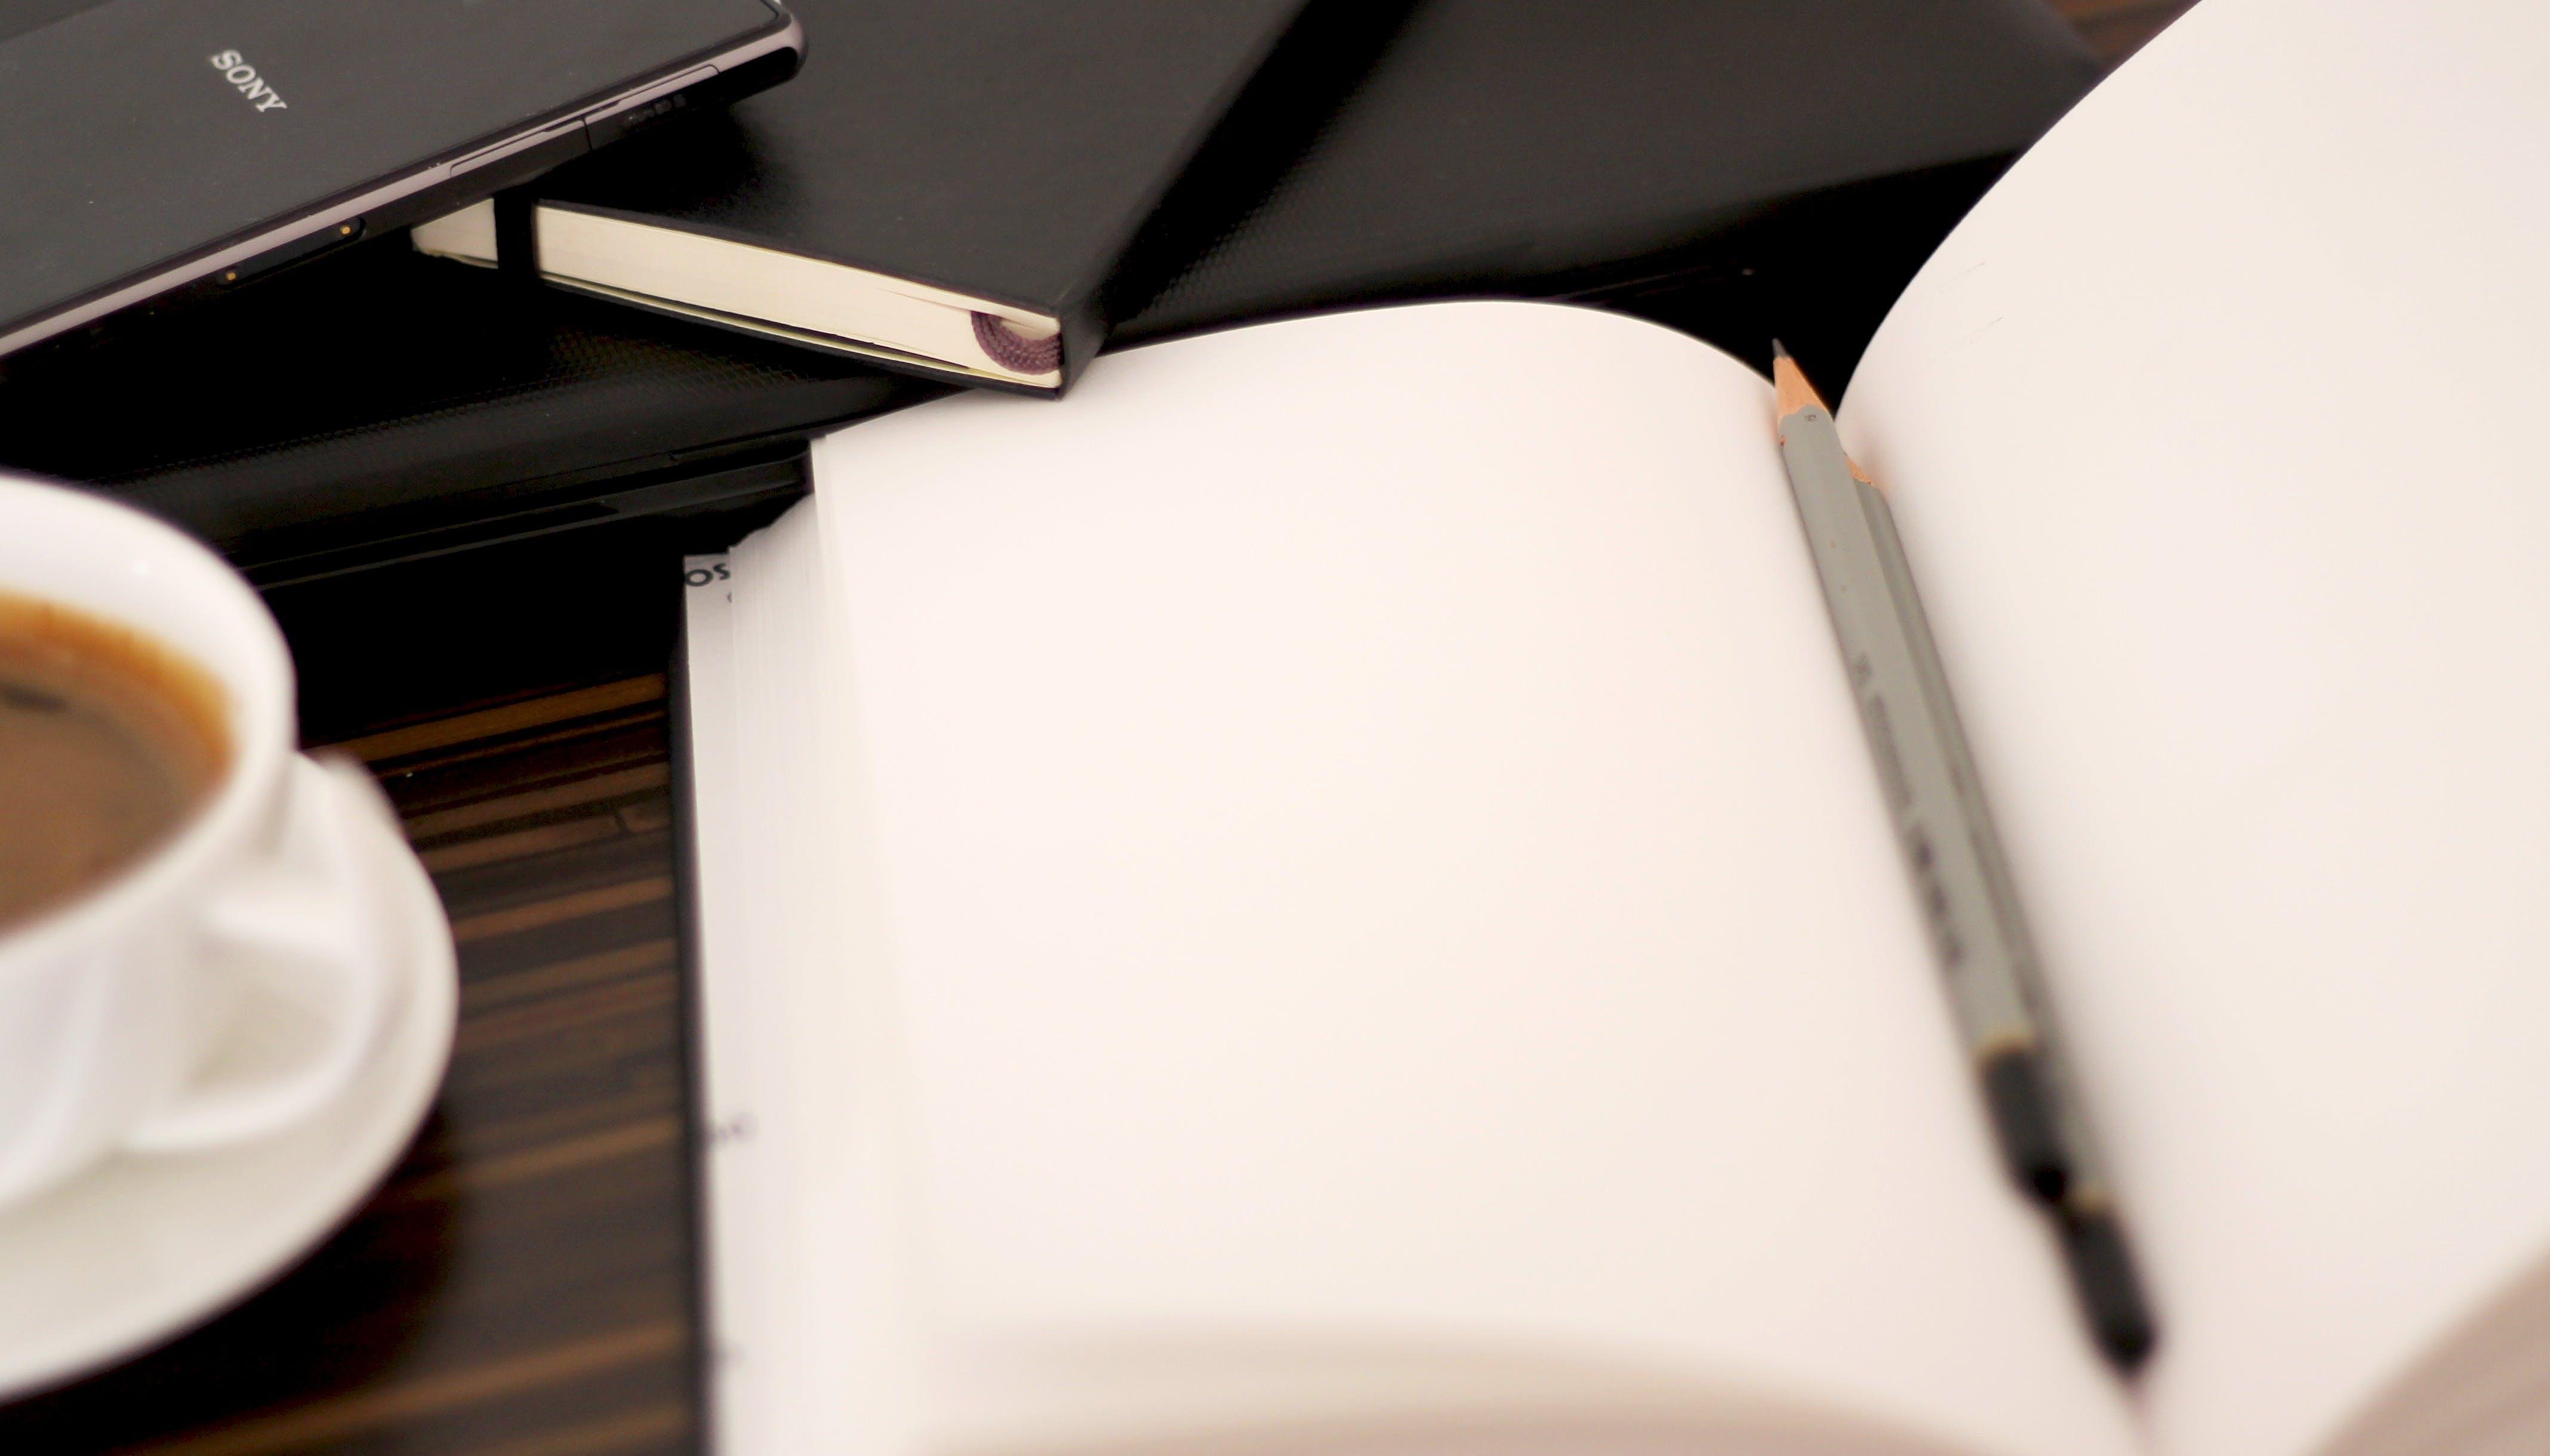 Gratis lagerfoto af blyant, kaffe, kop, krus